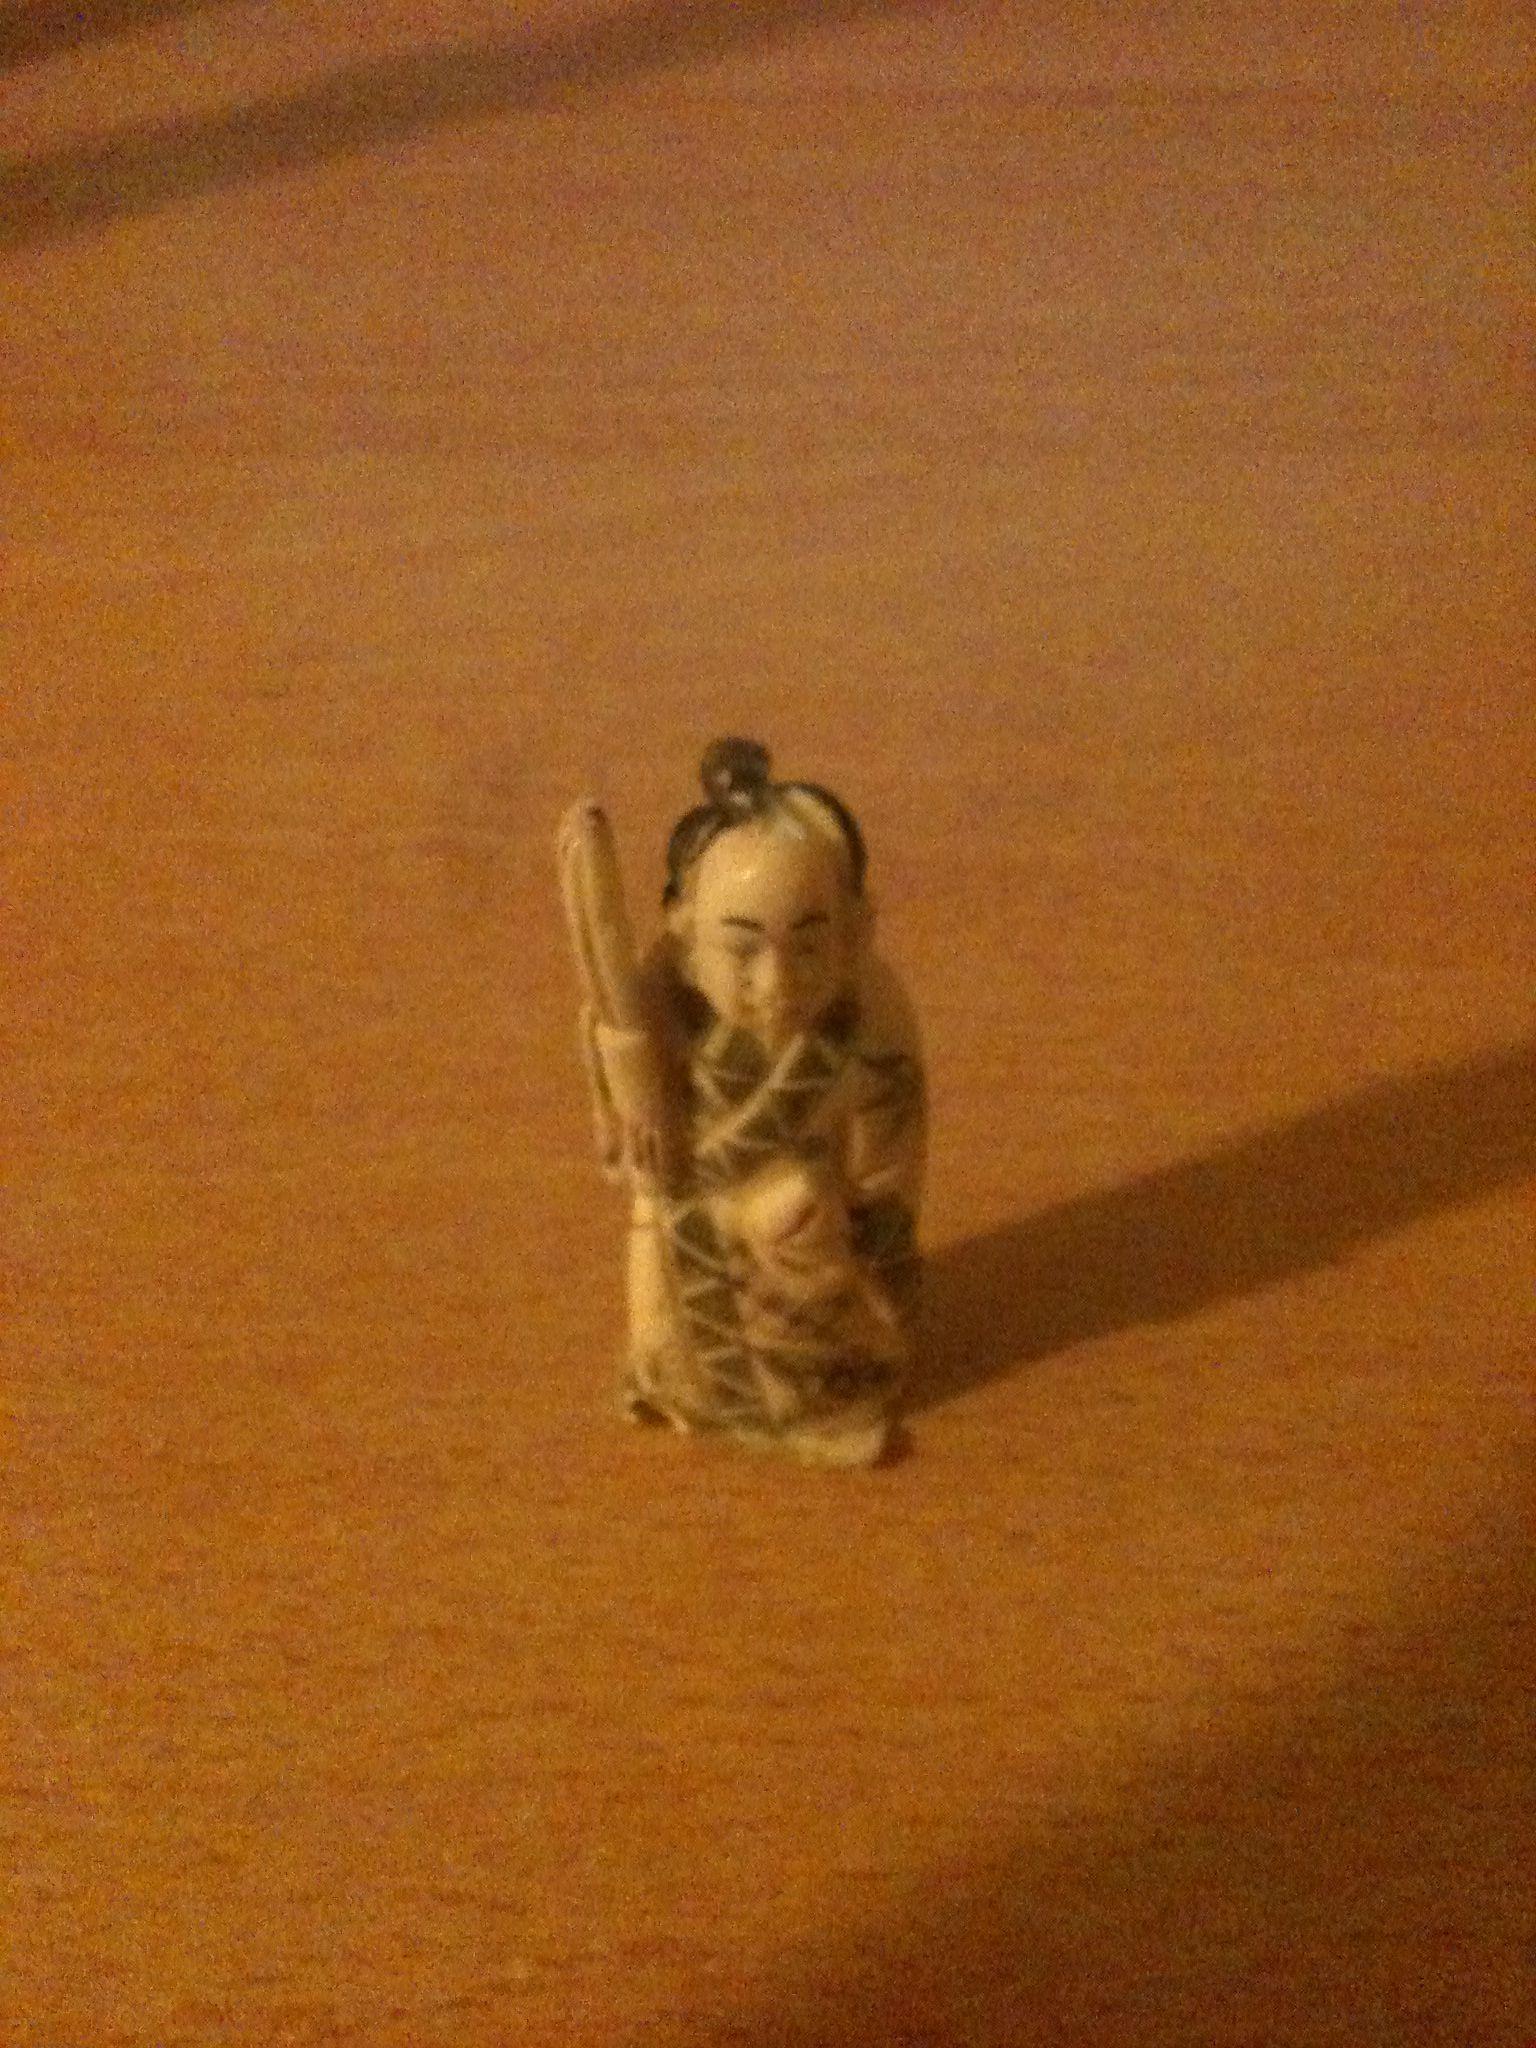 Netsukè in Avorio di qualità  Chiama Danilo 0039 335 6815268  High quality ivory  Call Danilo 0039 335 6815268